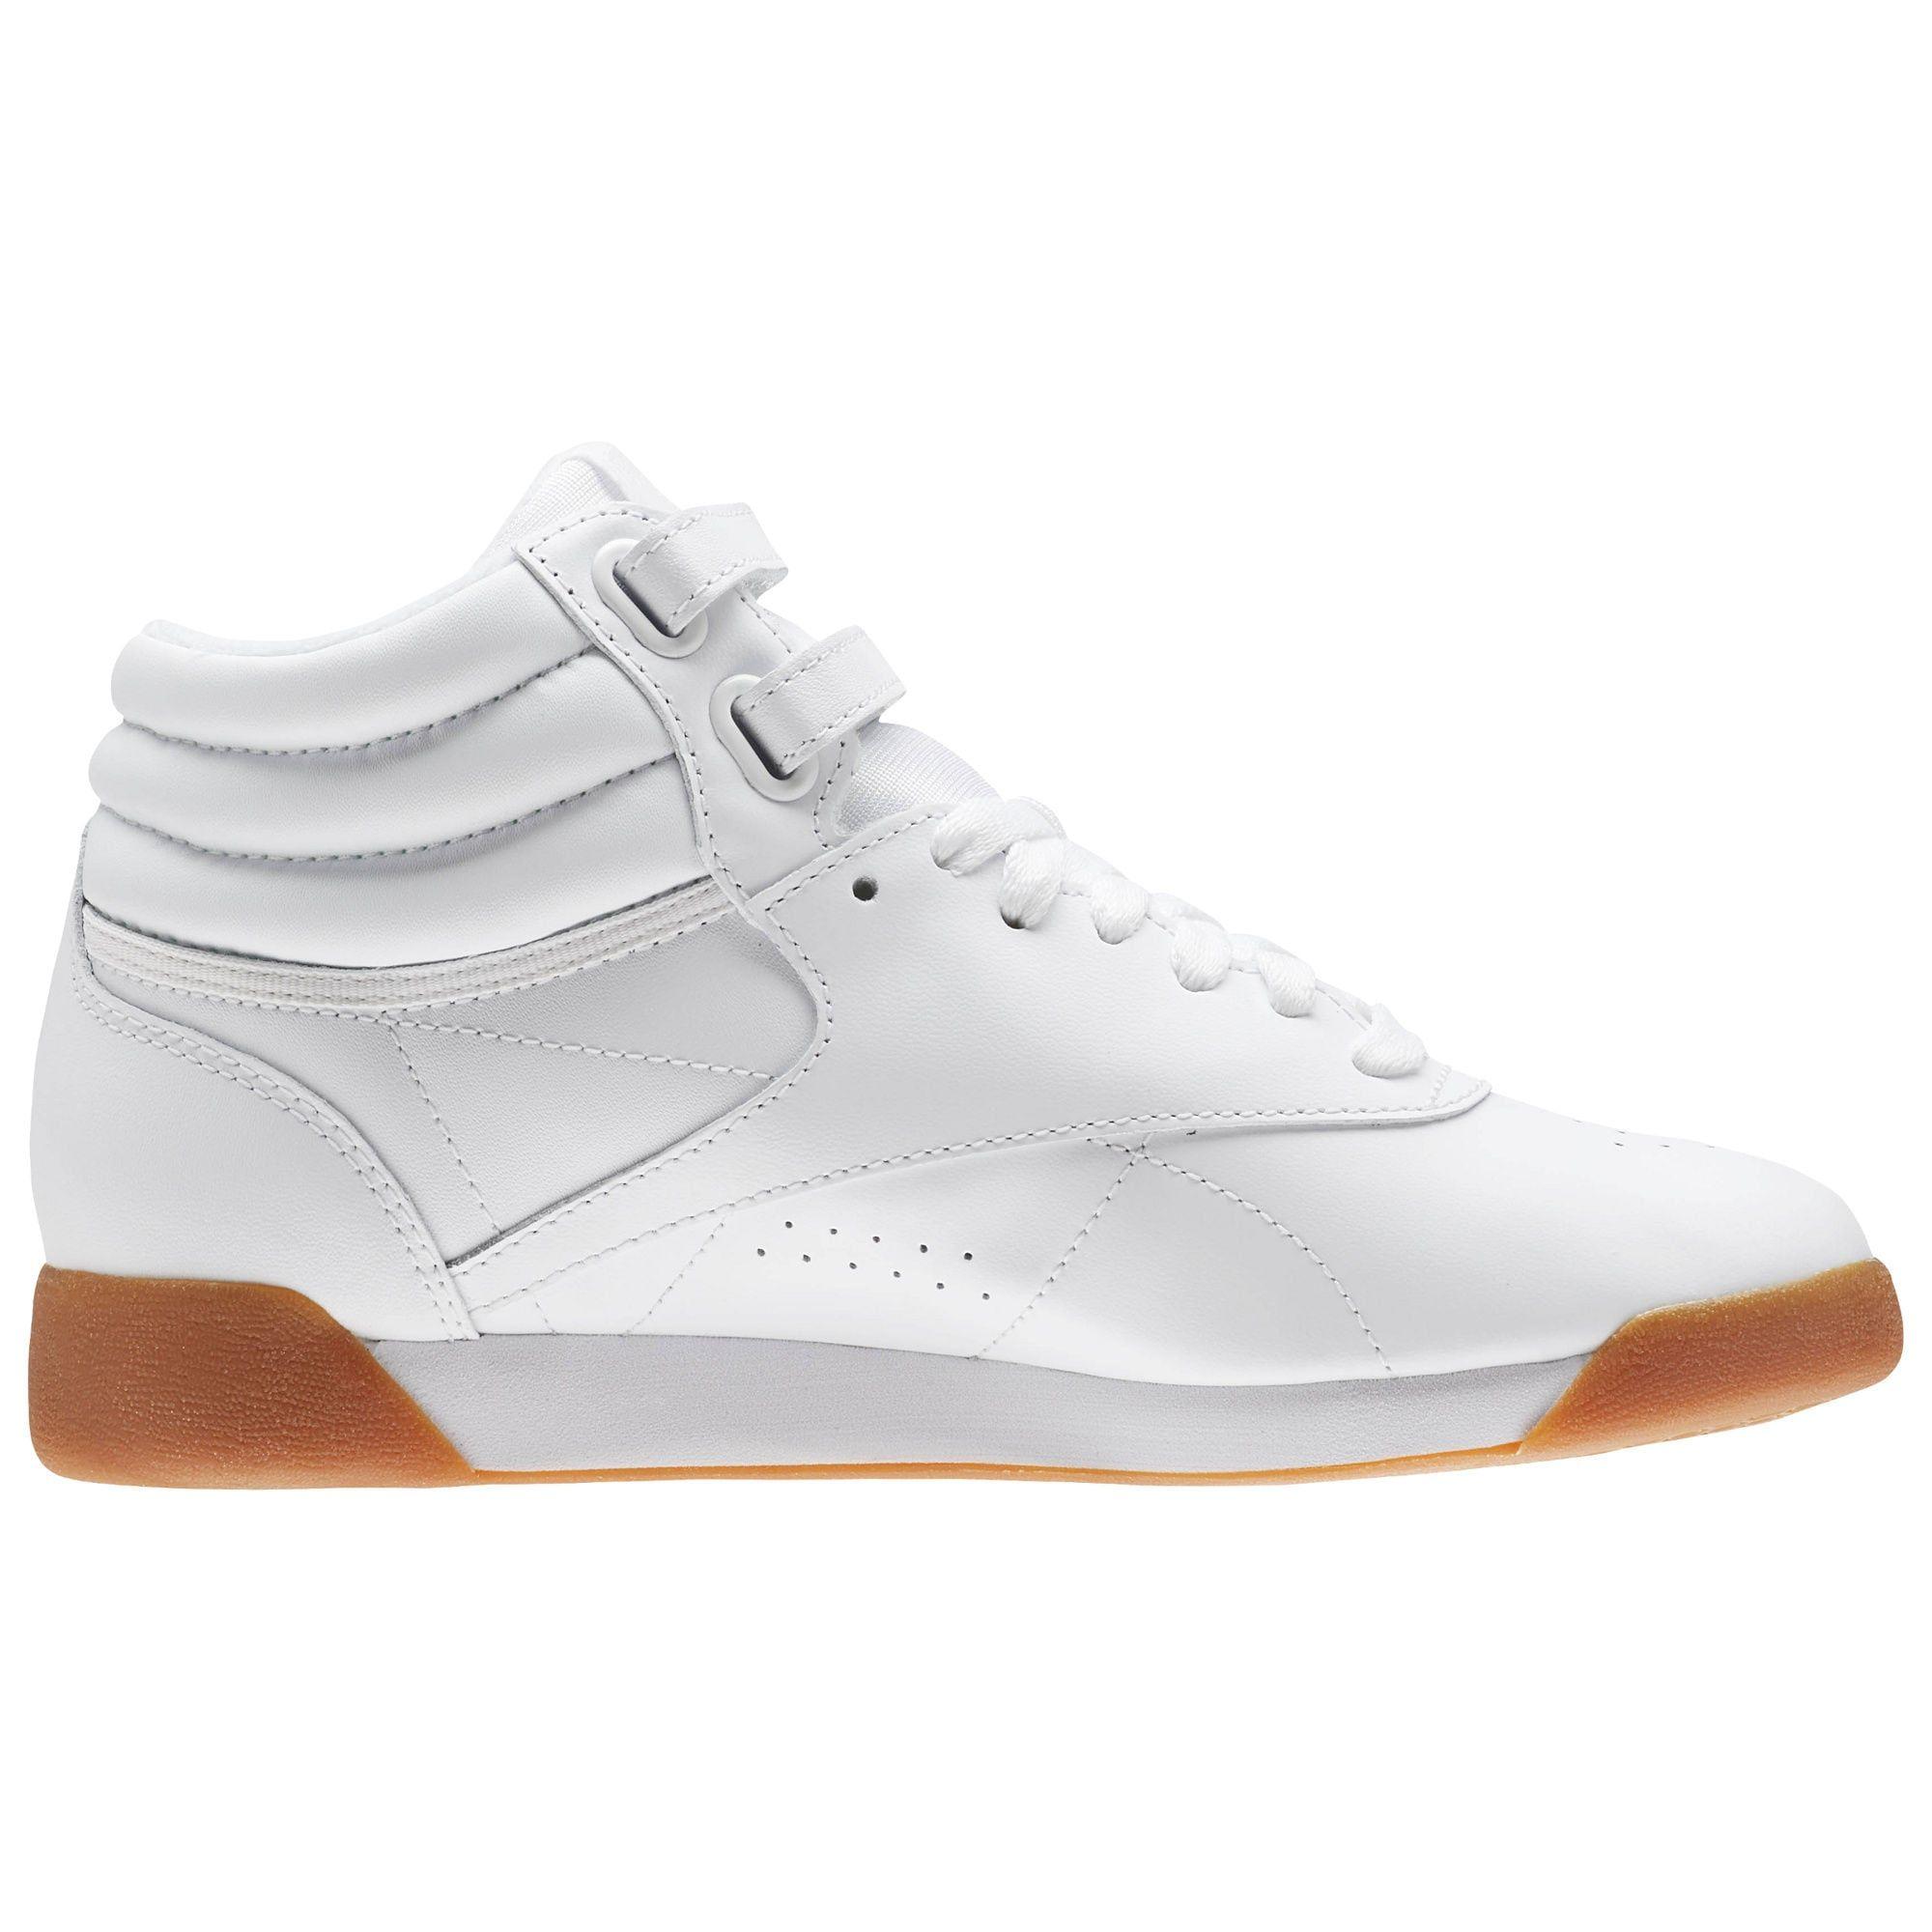 Reebok Classic Sneaker Damen Weiss Grosse 38 5 Reebok Freestyle Reebok Sneaker Damen